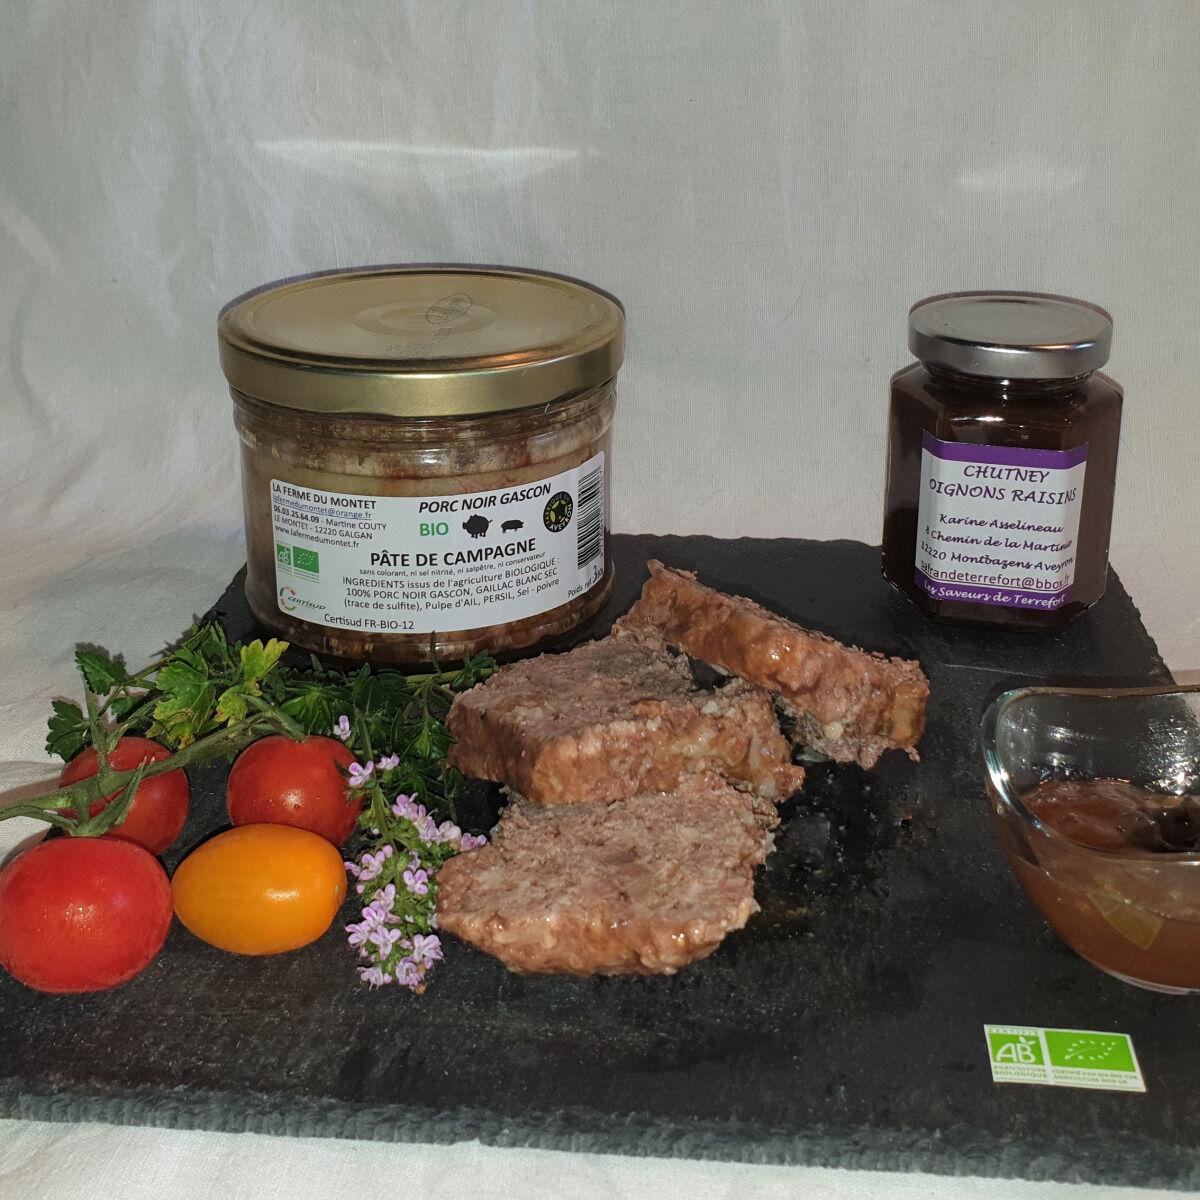 La Ferme du Montet Pâté de campagne de Porc Noir Gascon BIO - 380 g